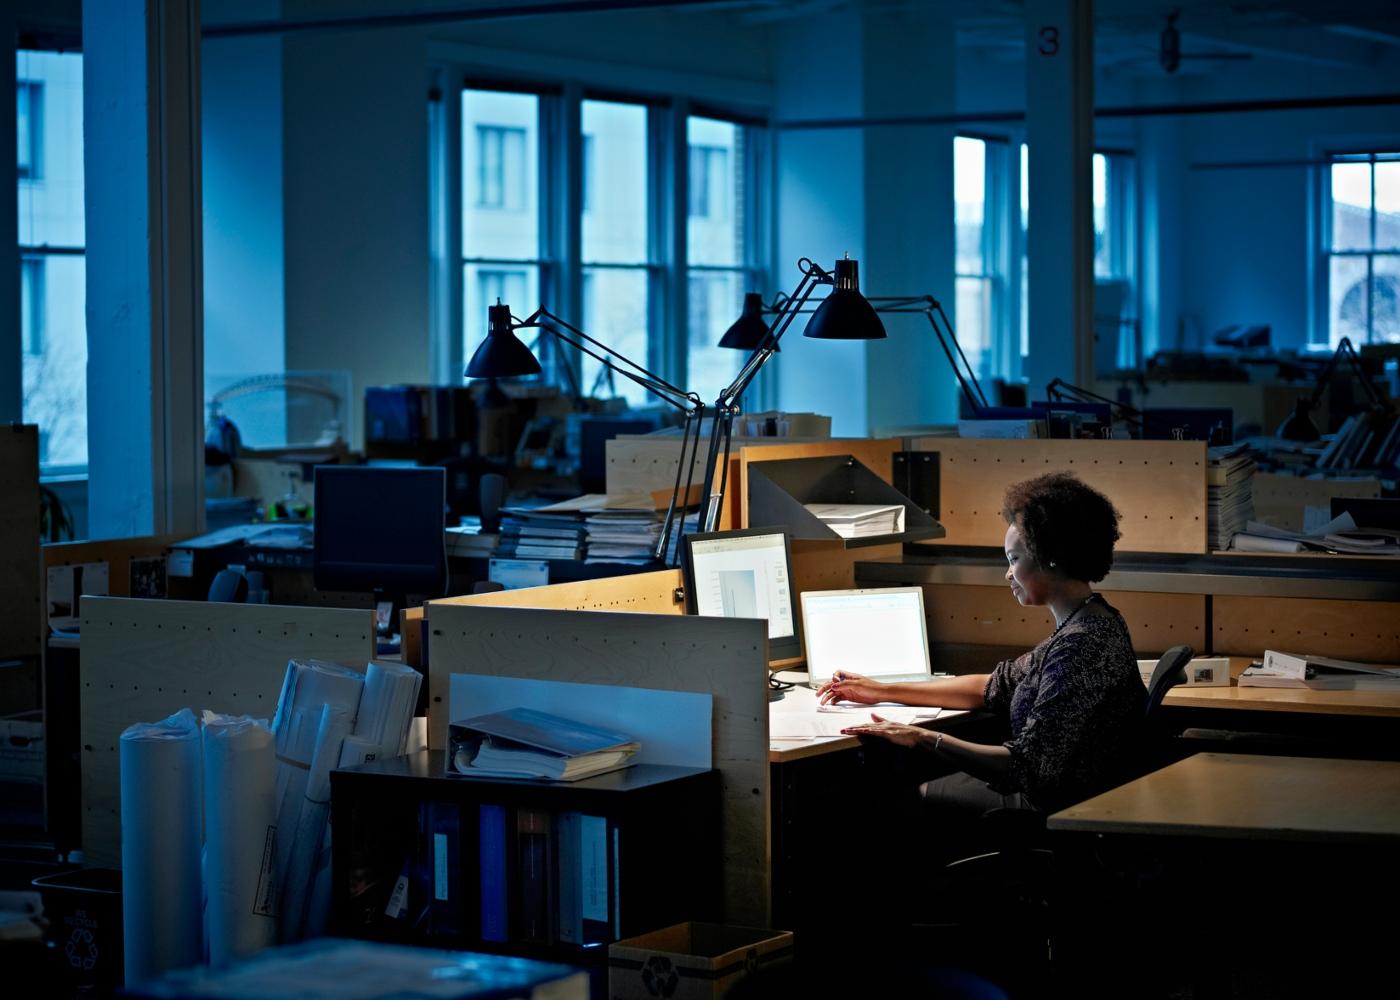 Mulher workaholic a trabalhar fora do horário de trabalho